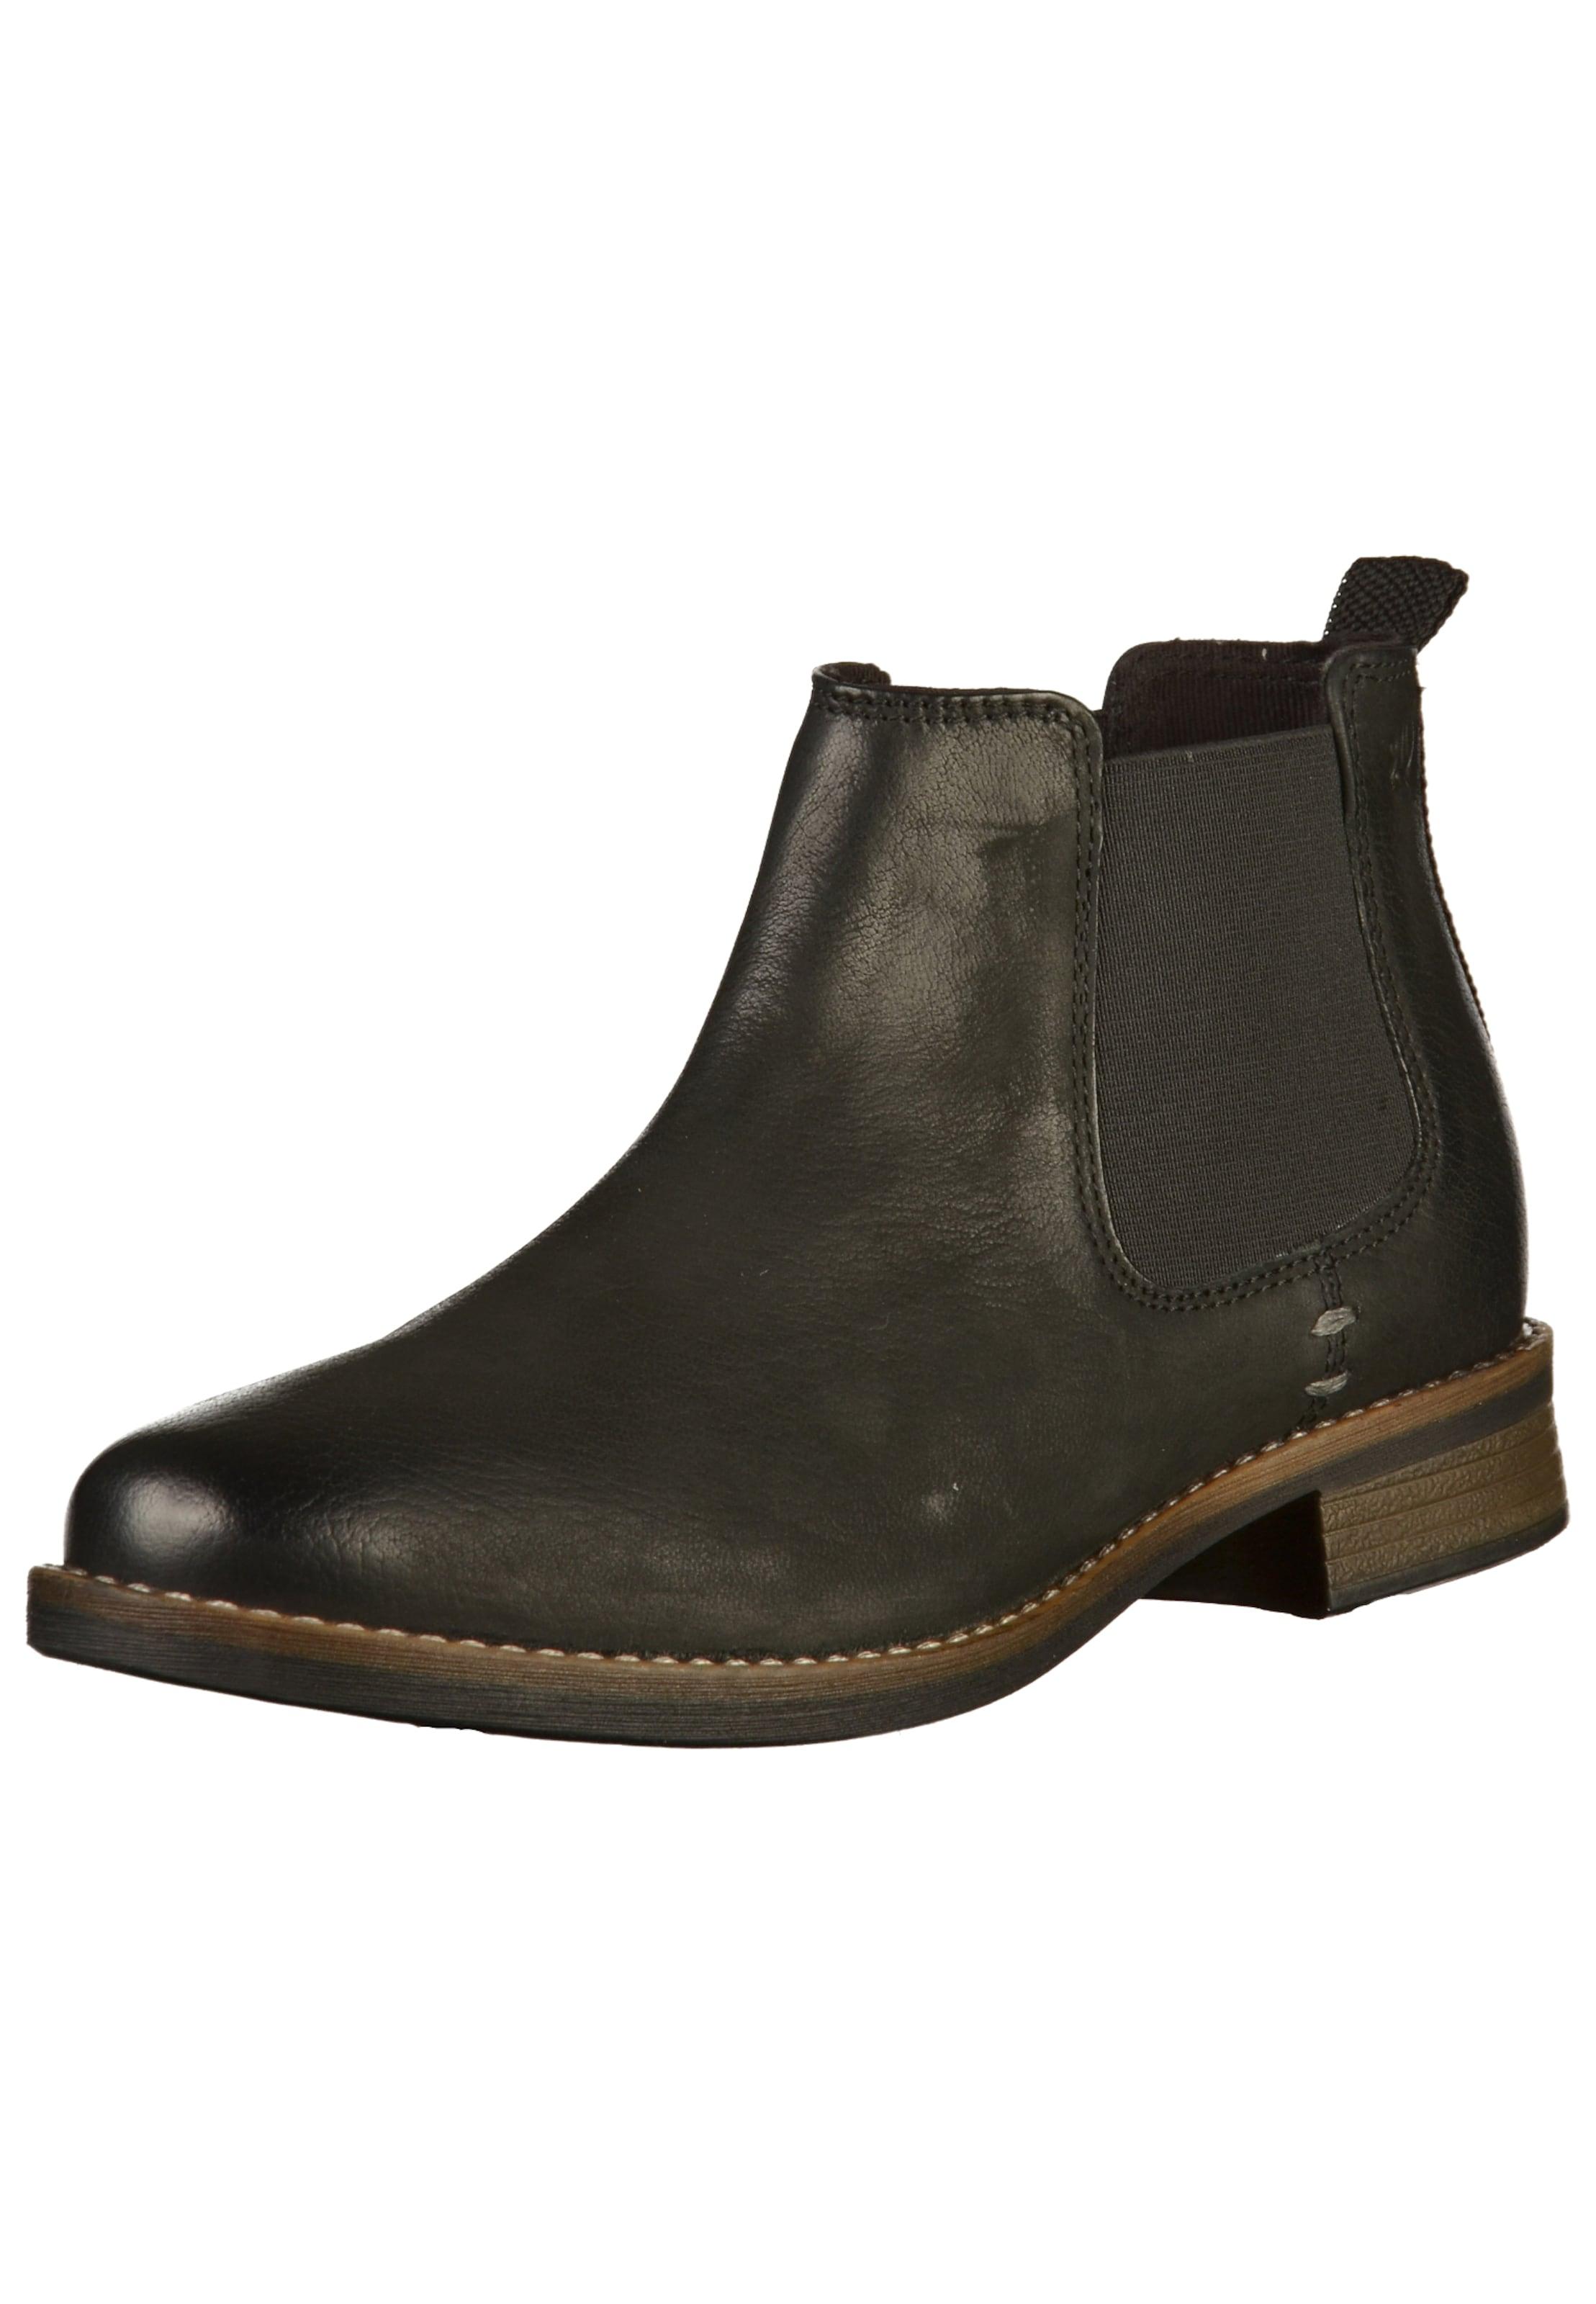 Label En Boots Noir Chelsea oliver S Red UzLSpGjVqM